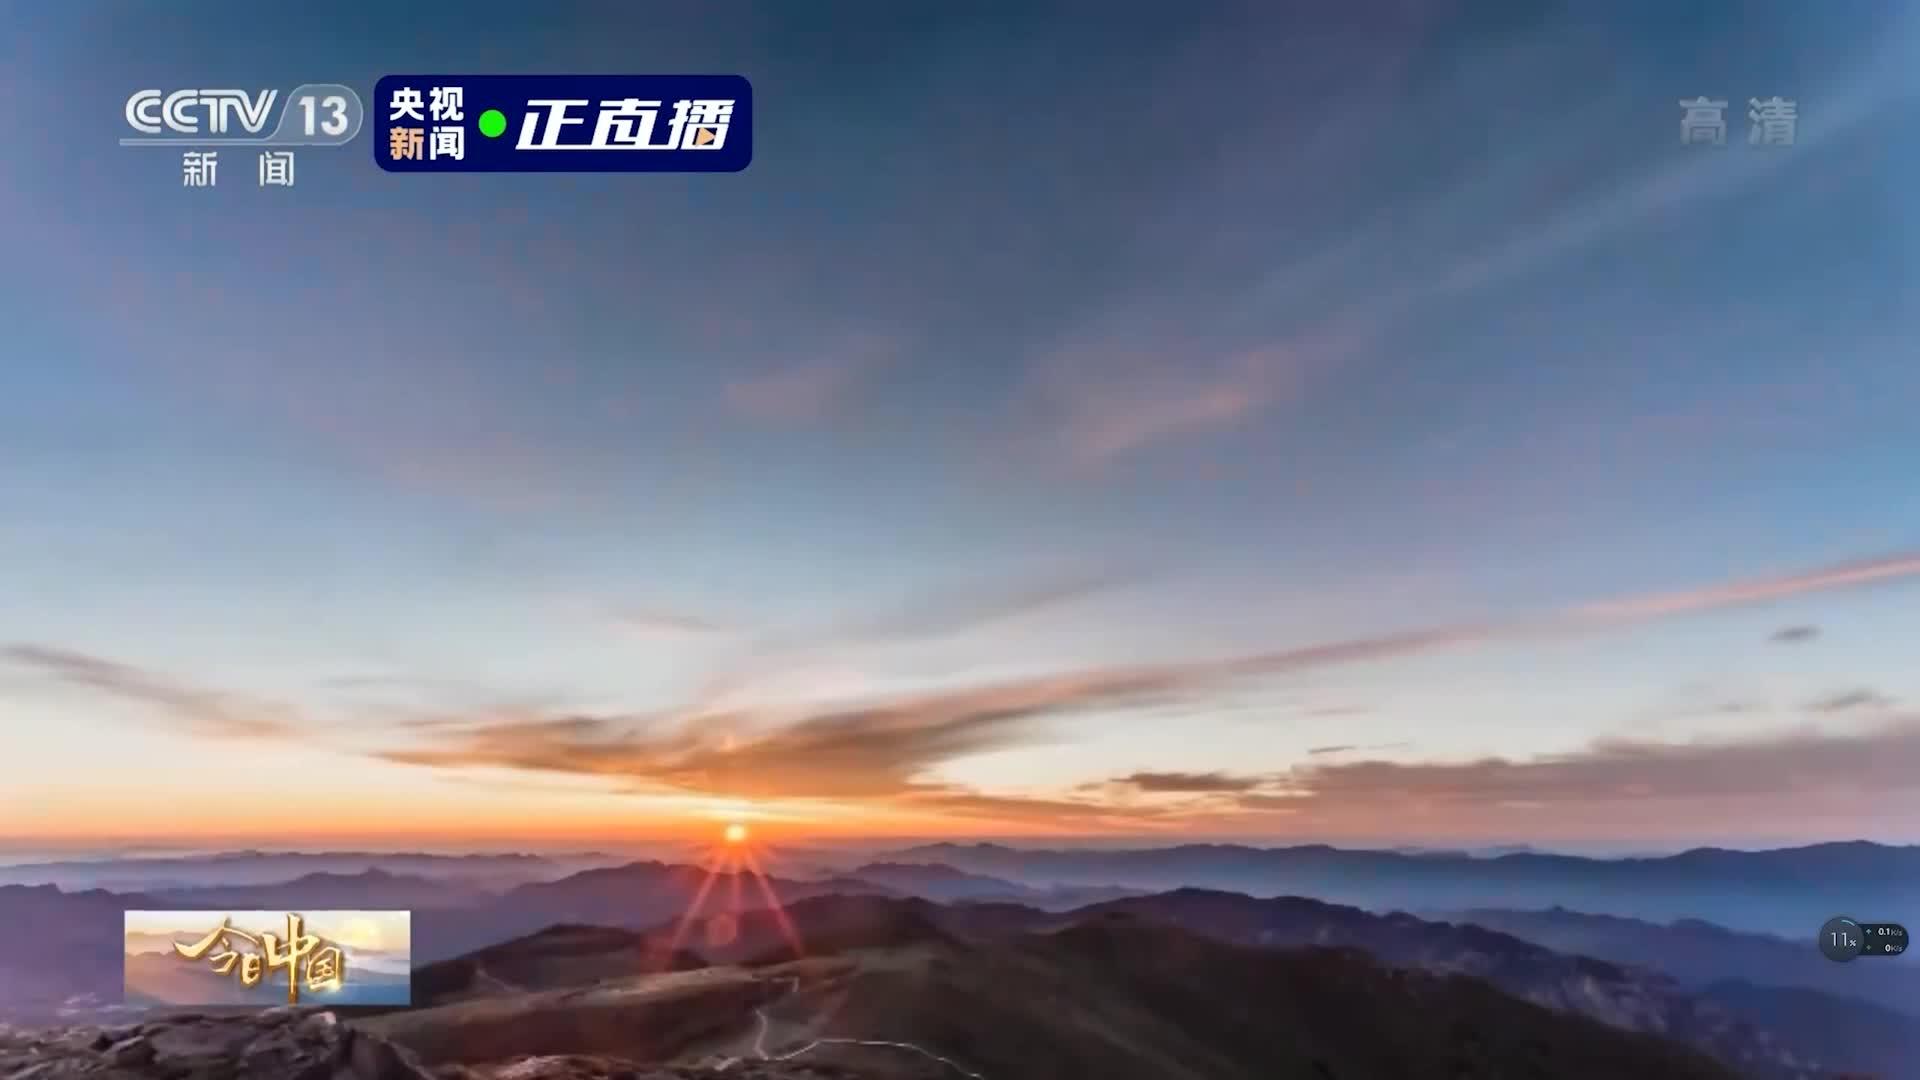 今日中国·湖南篇㉘丨湖南24小时:掠影湖南14市州 感受烟火气里的湖南